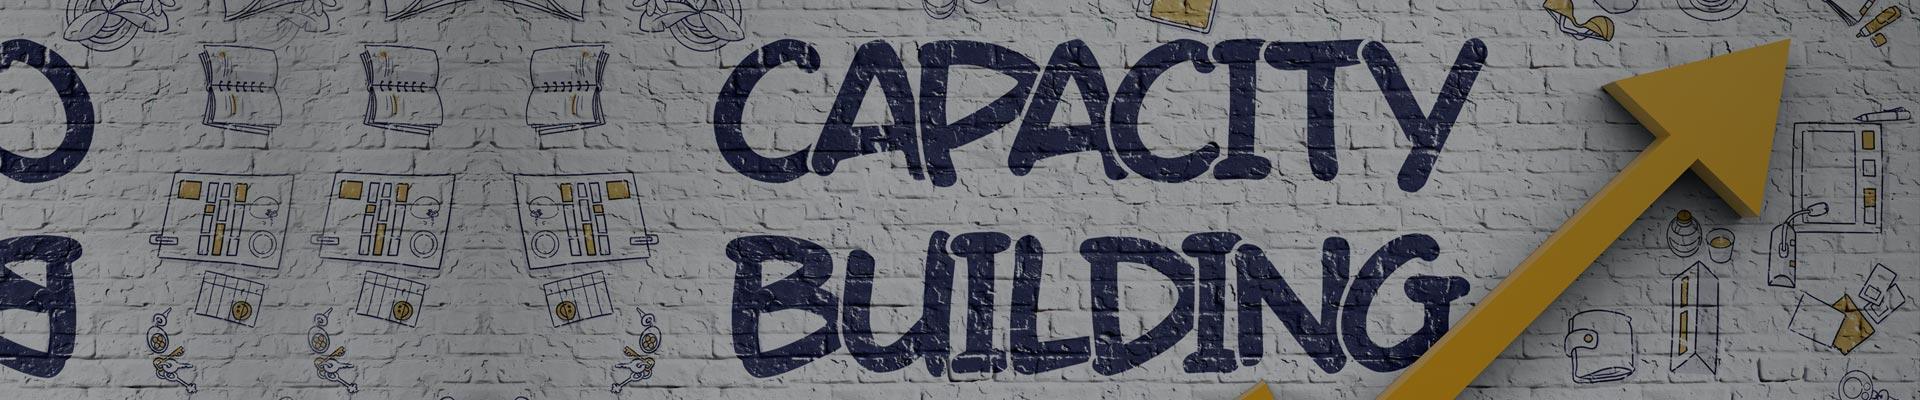 https://icaptrust.in/wp-content/uploads/2020/09/header-capacity.jpg